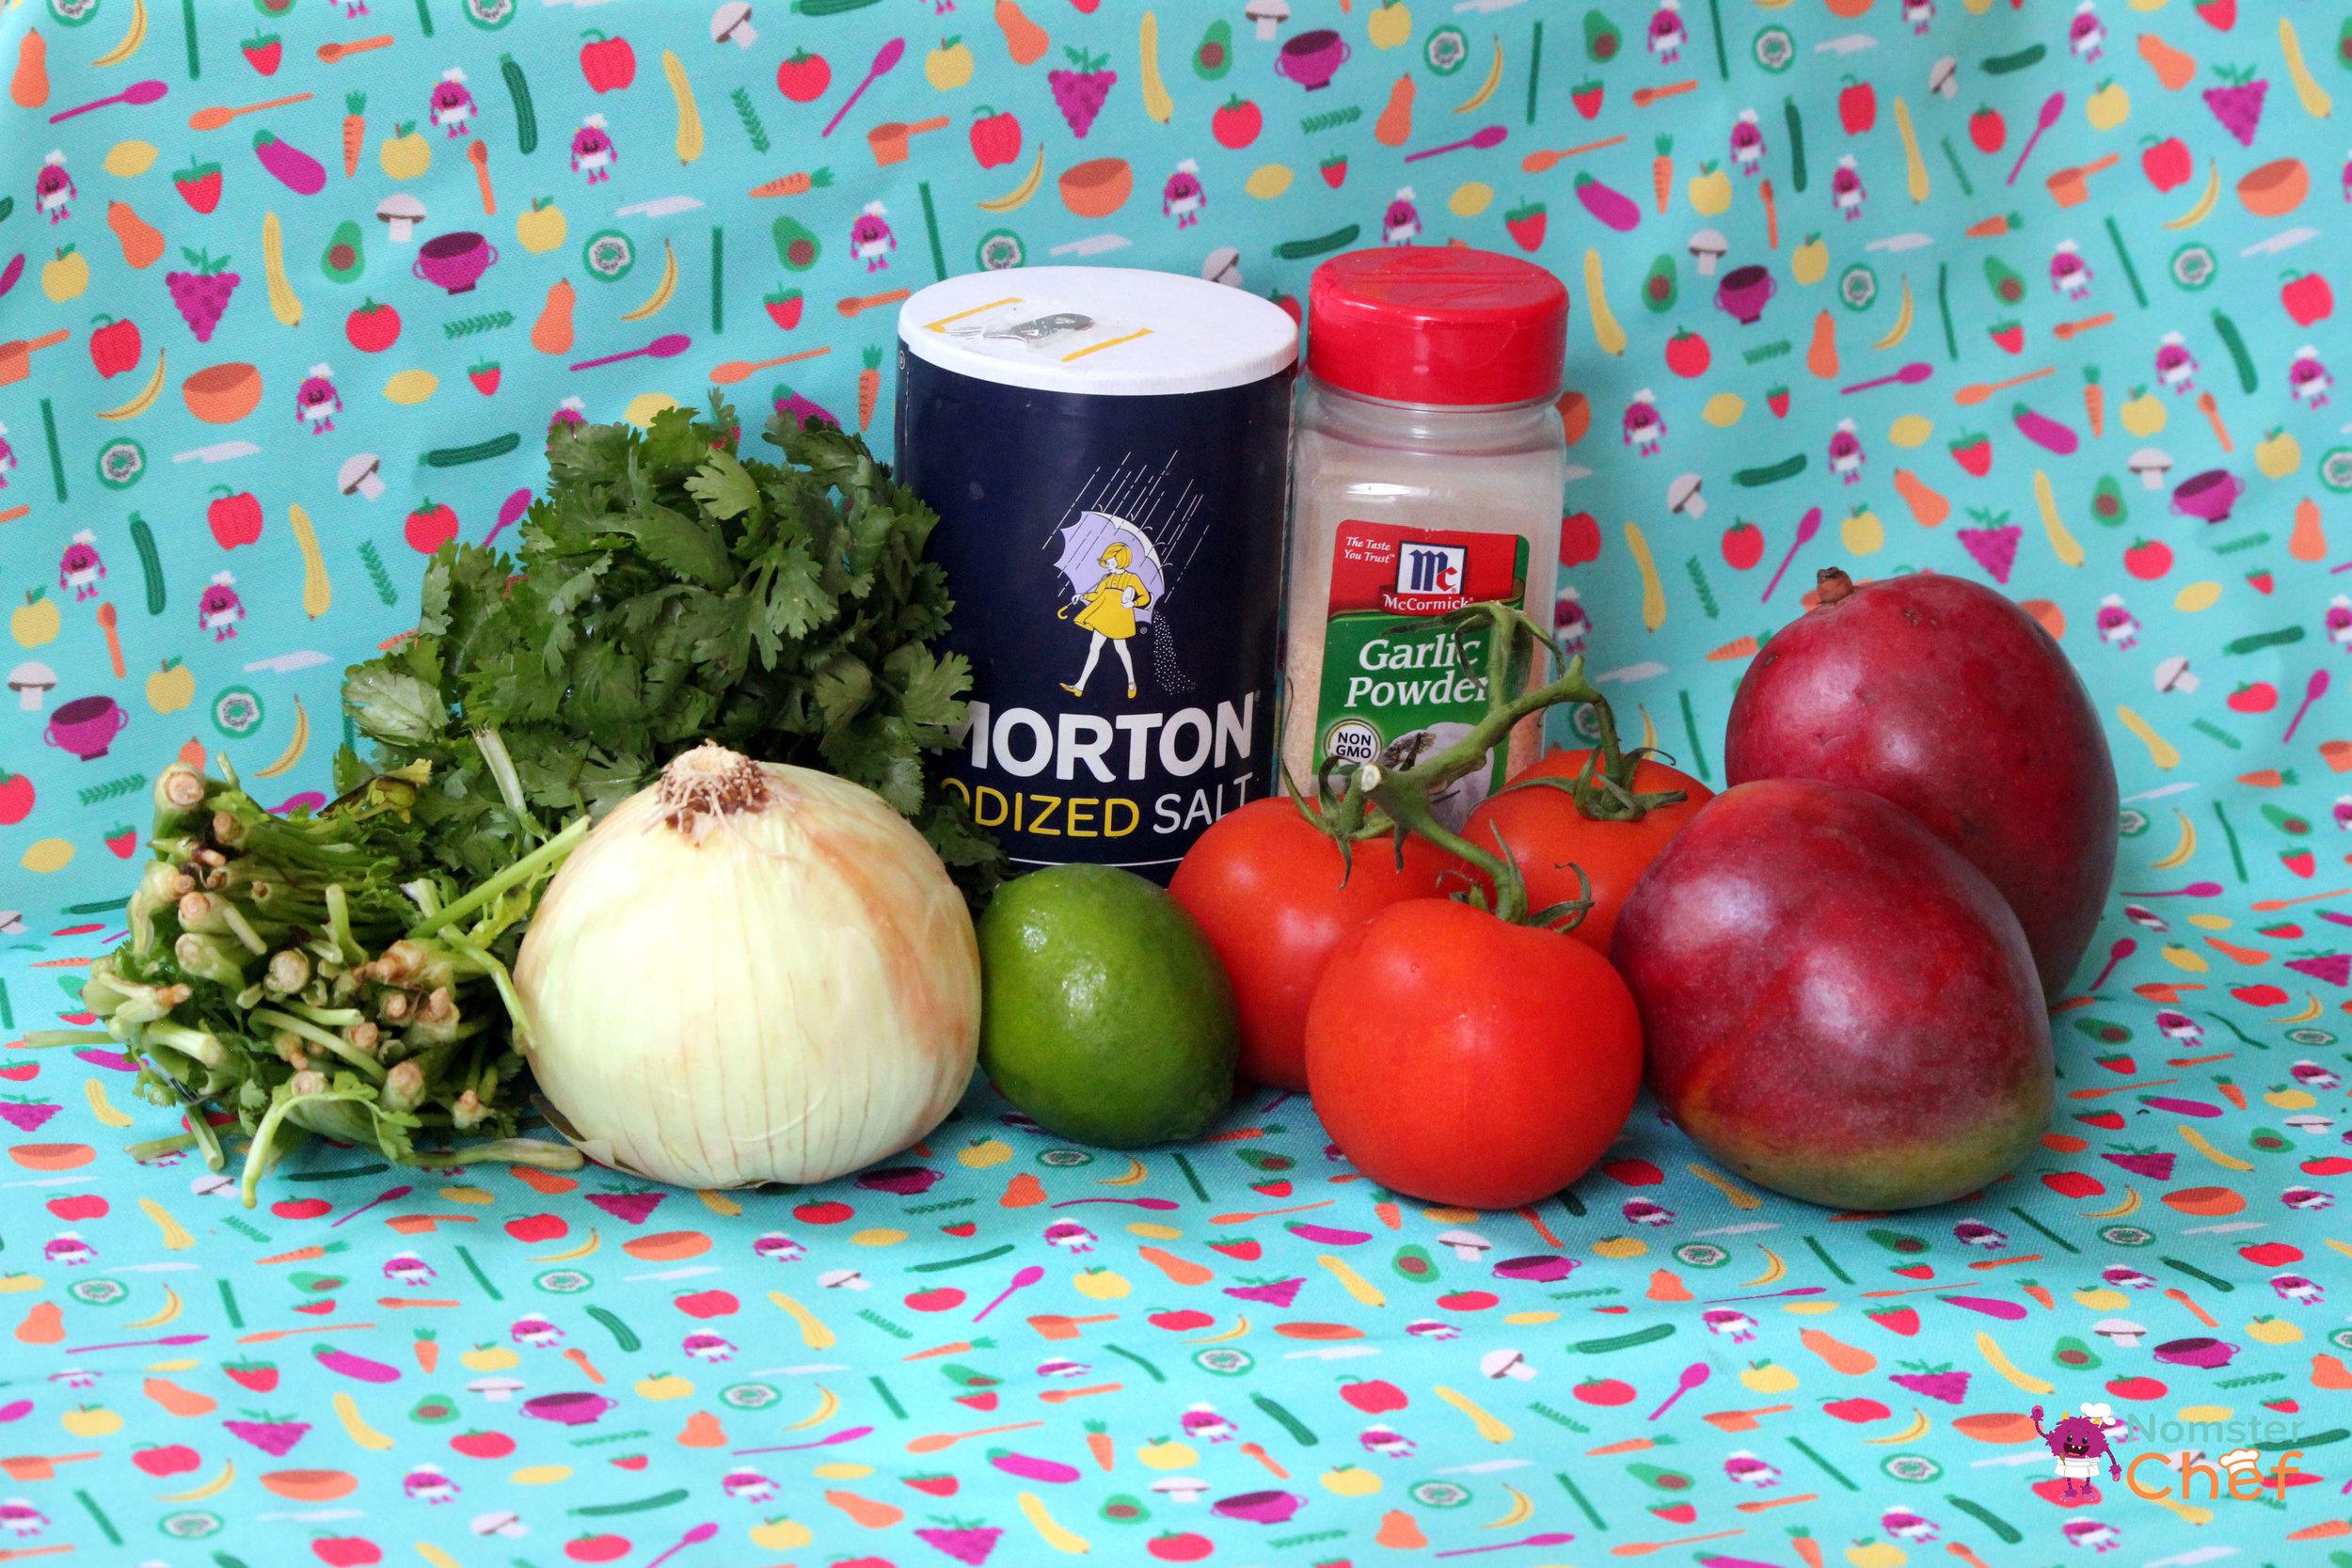 kitchen-vocabulary-ingredients-watermark.jpg